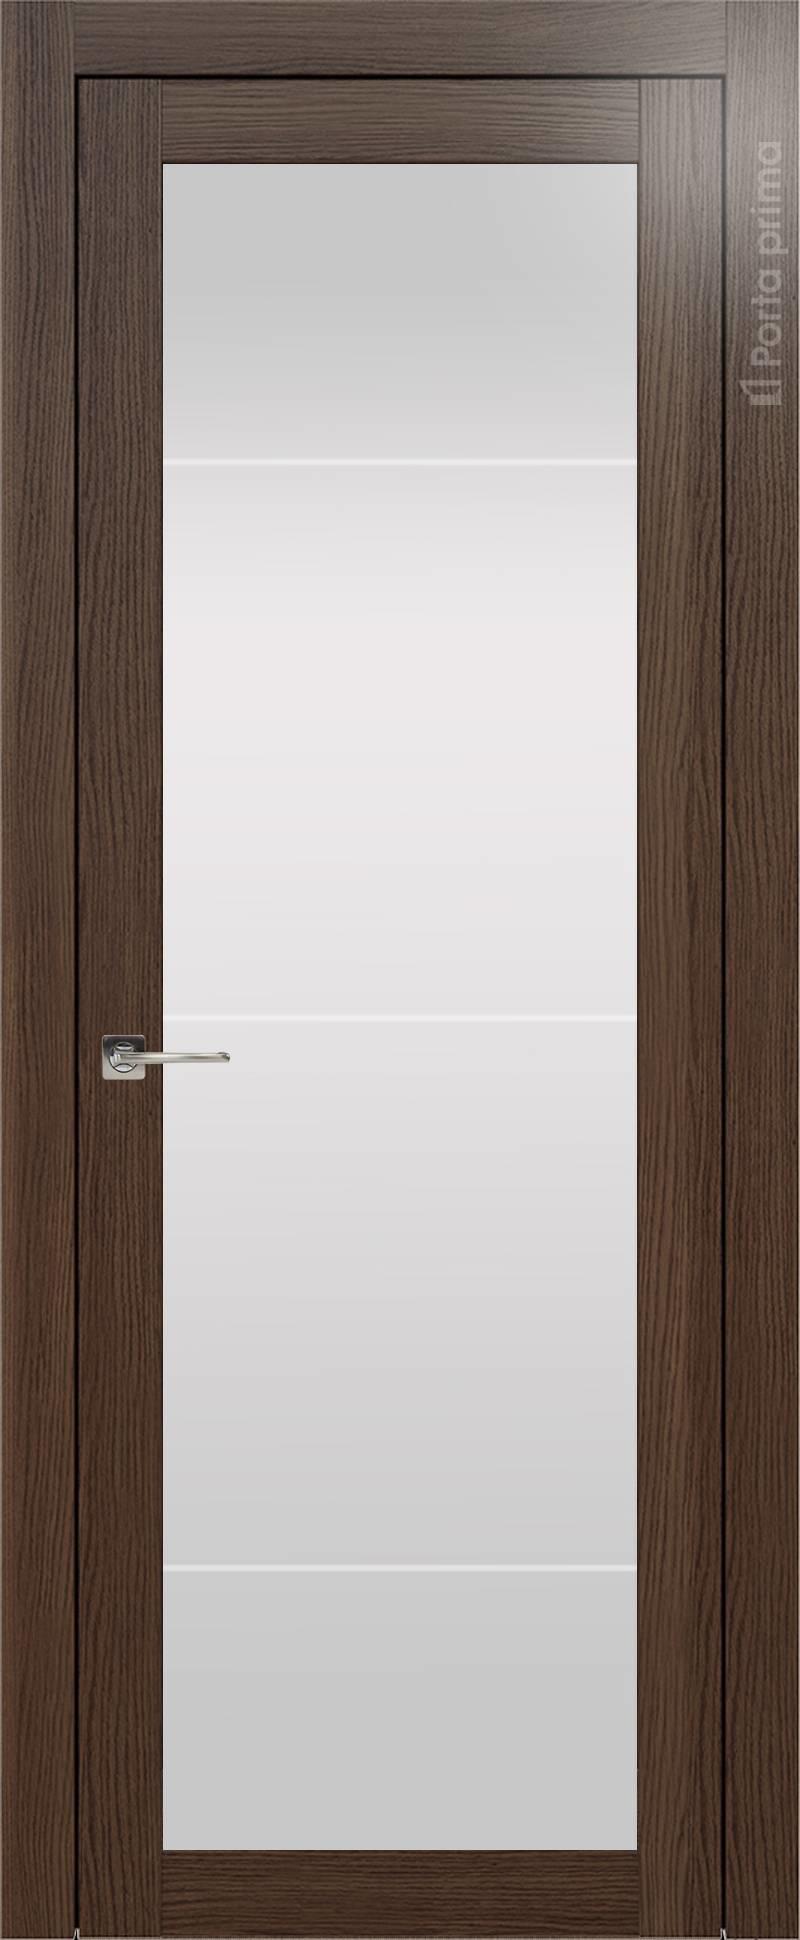 Tivoli З-3 цвет - Дуб торонто Со стеклом (ДО)